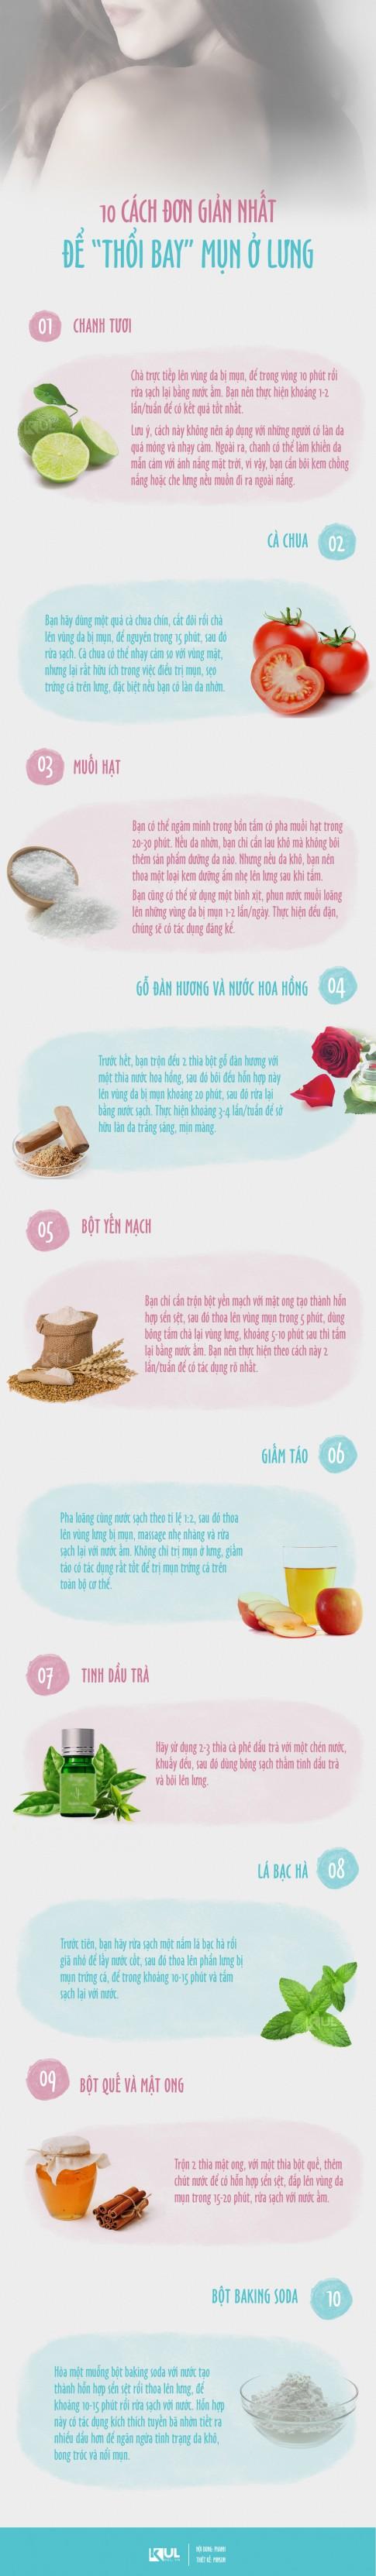 10 cách đơn giản nhất để bay mụn ở lưng